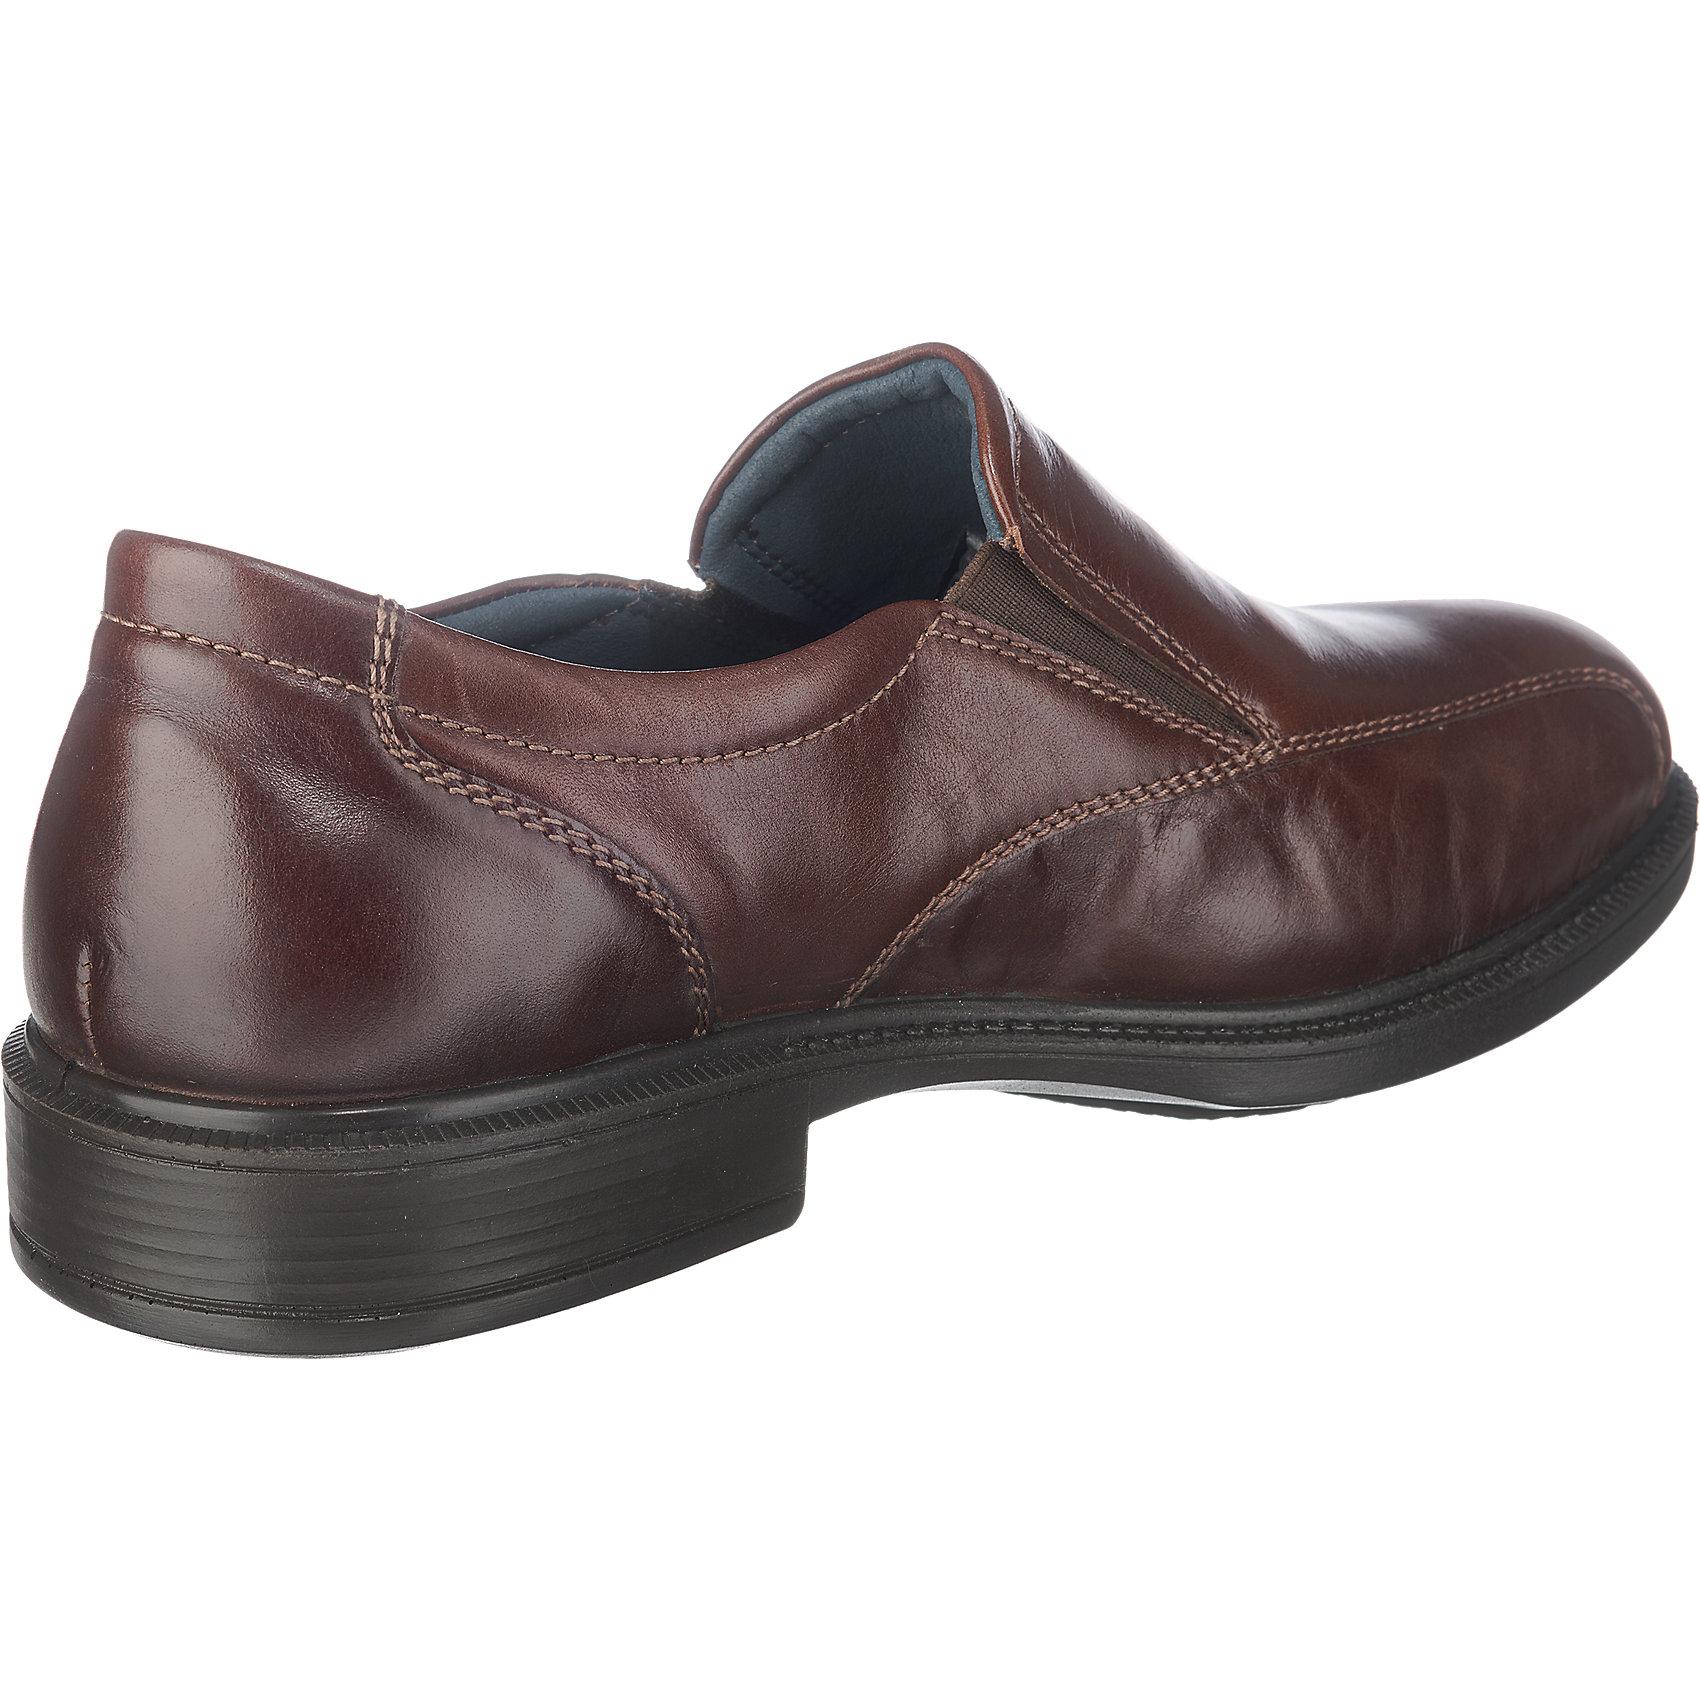 Neu Josef Seibel Harry 13 Business Schuhe braun 5761234